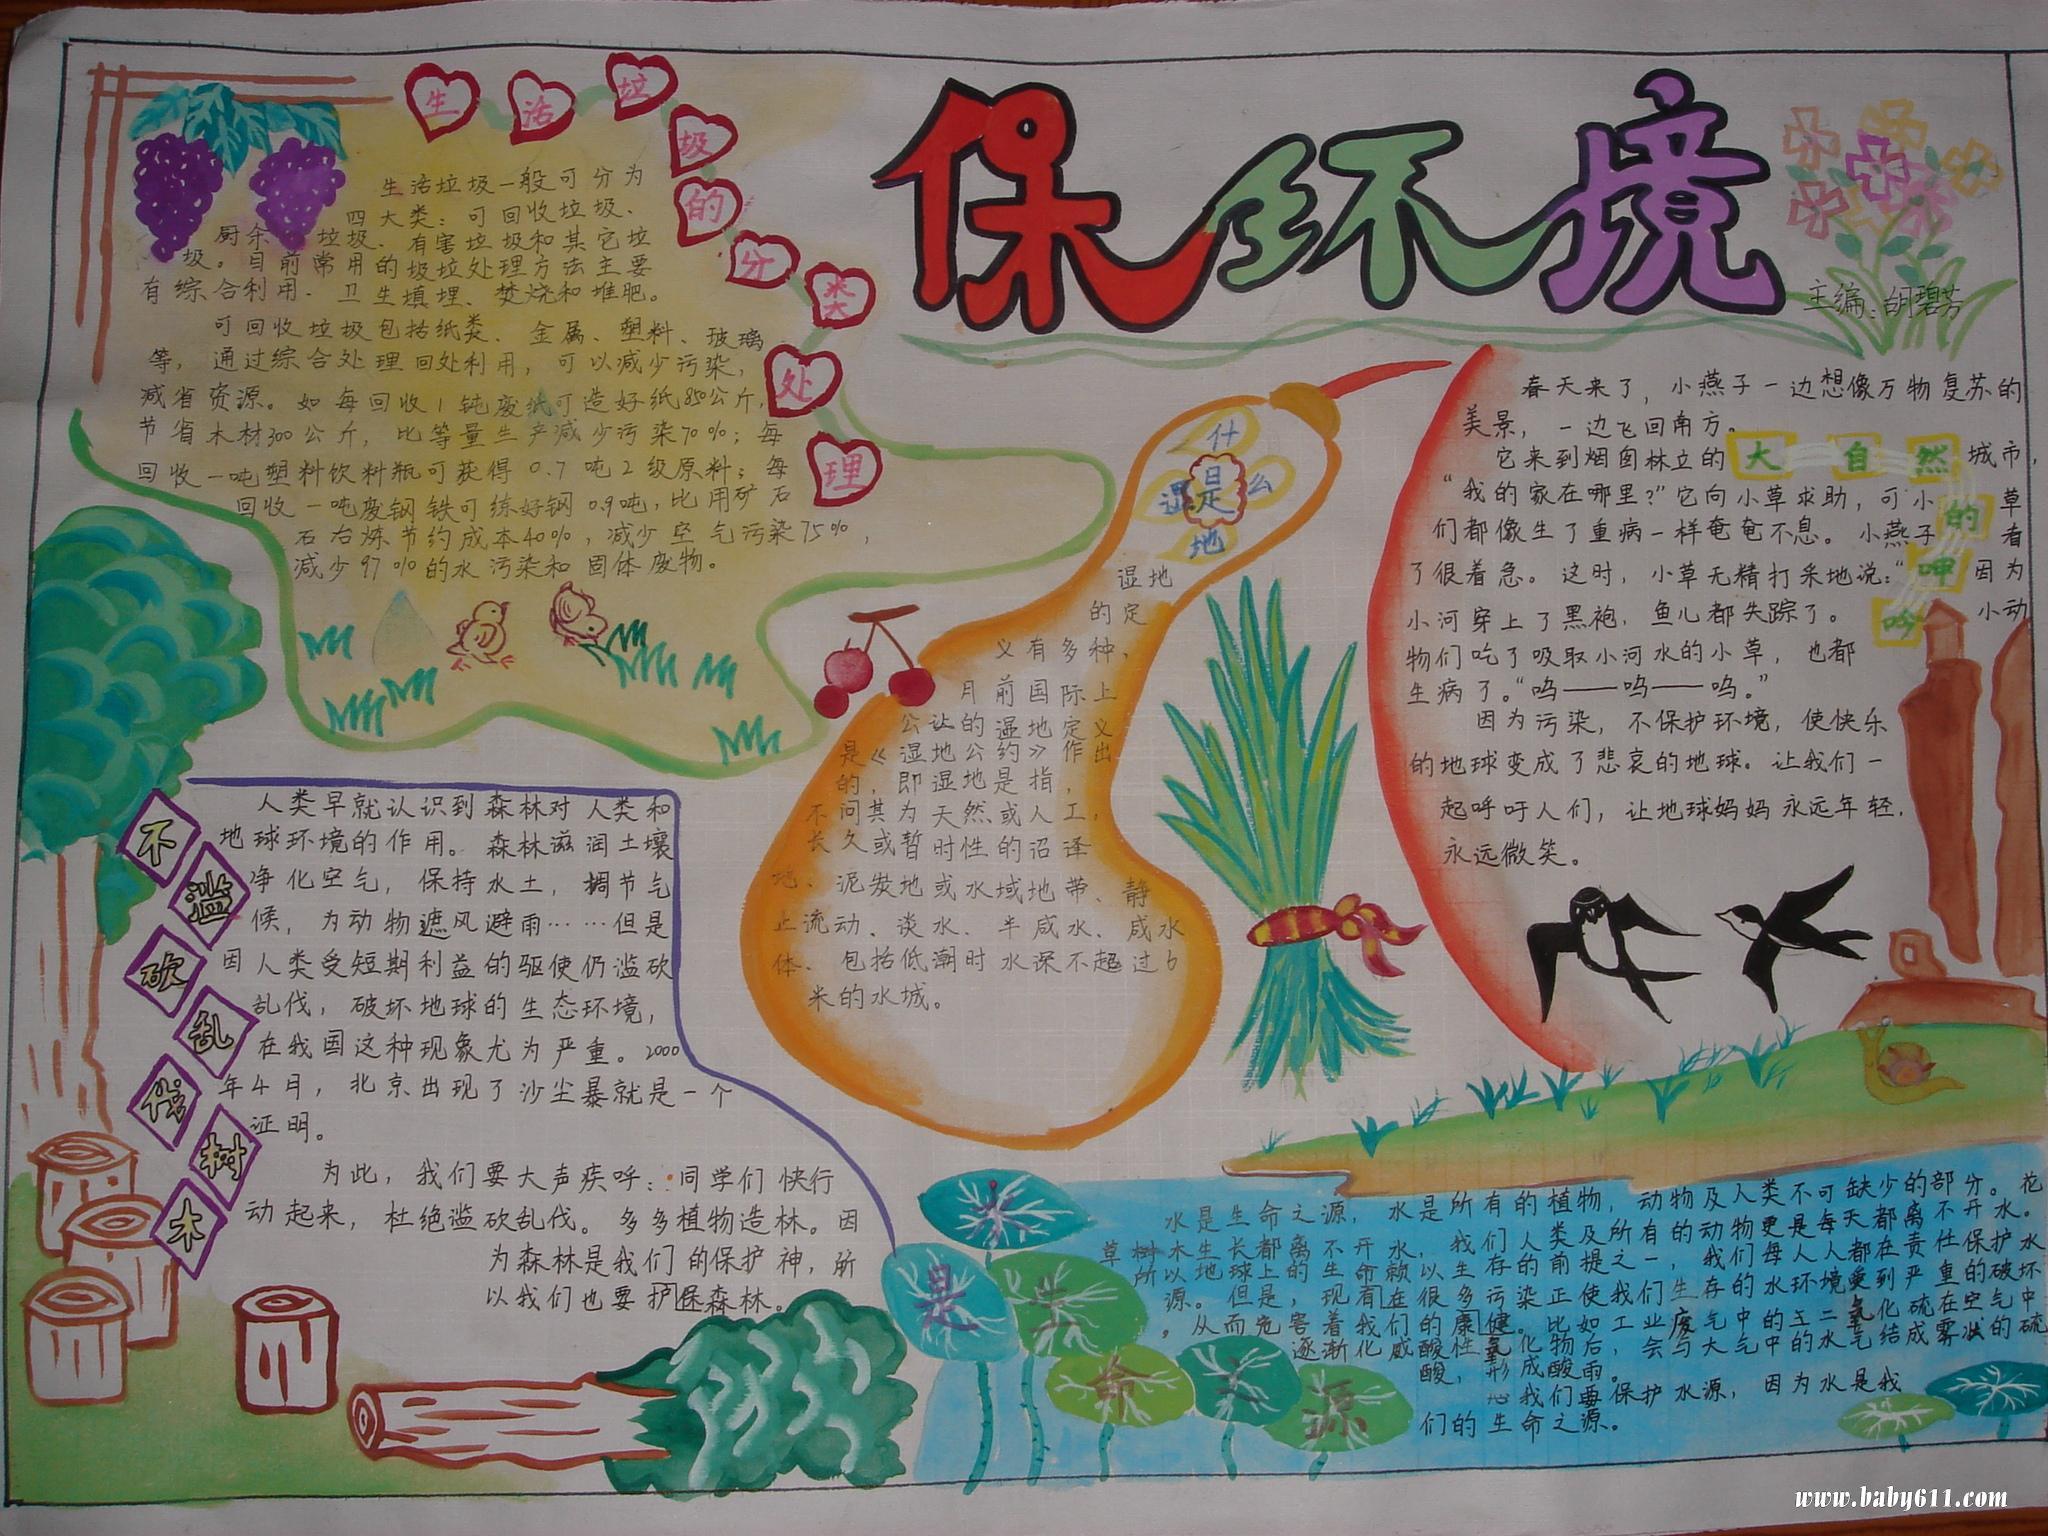 六五世界环境日手抄报 保护环境